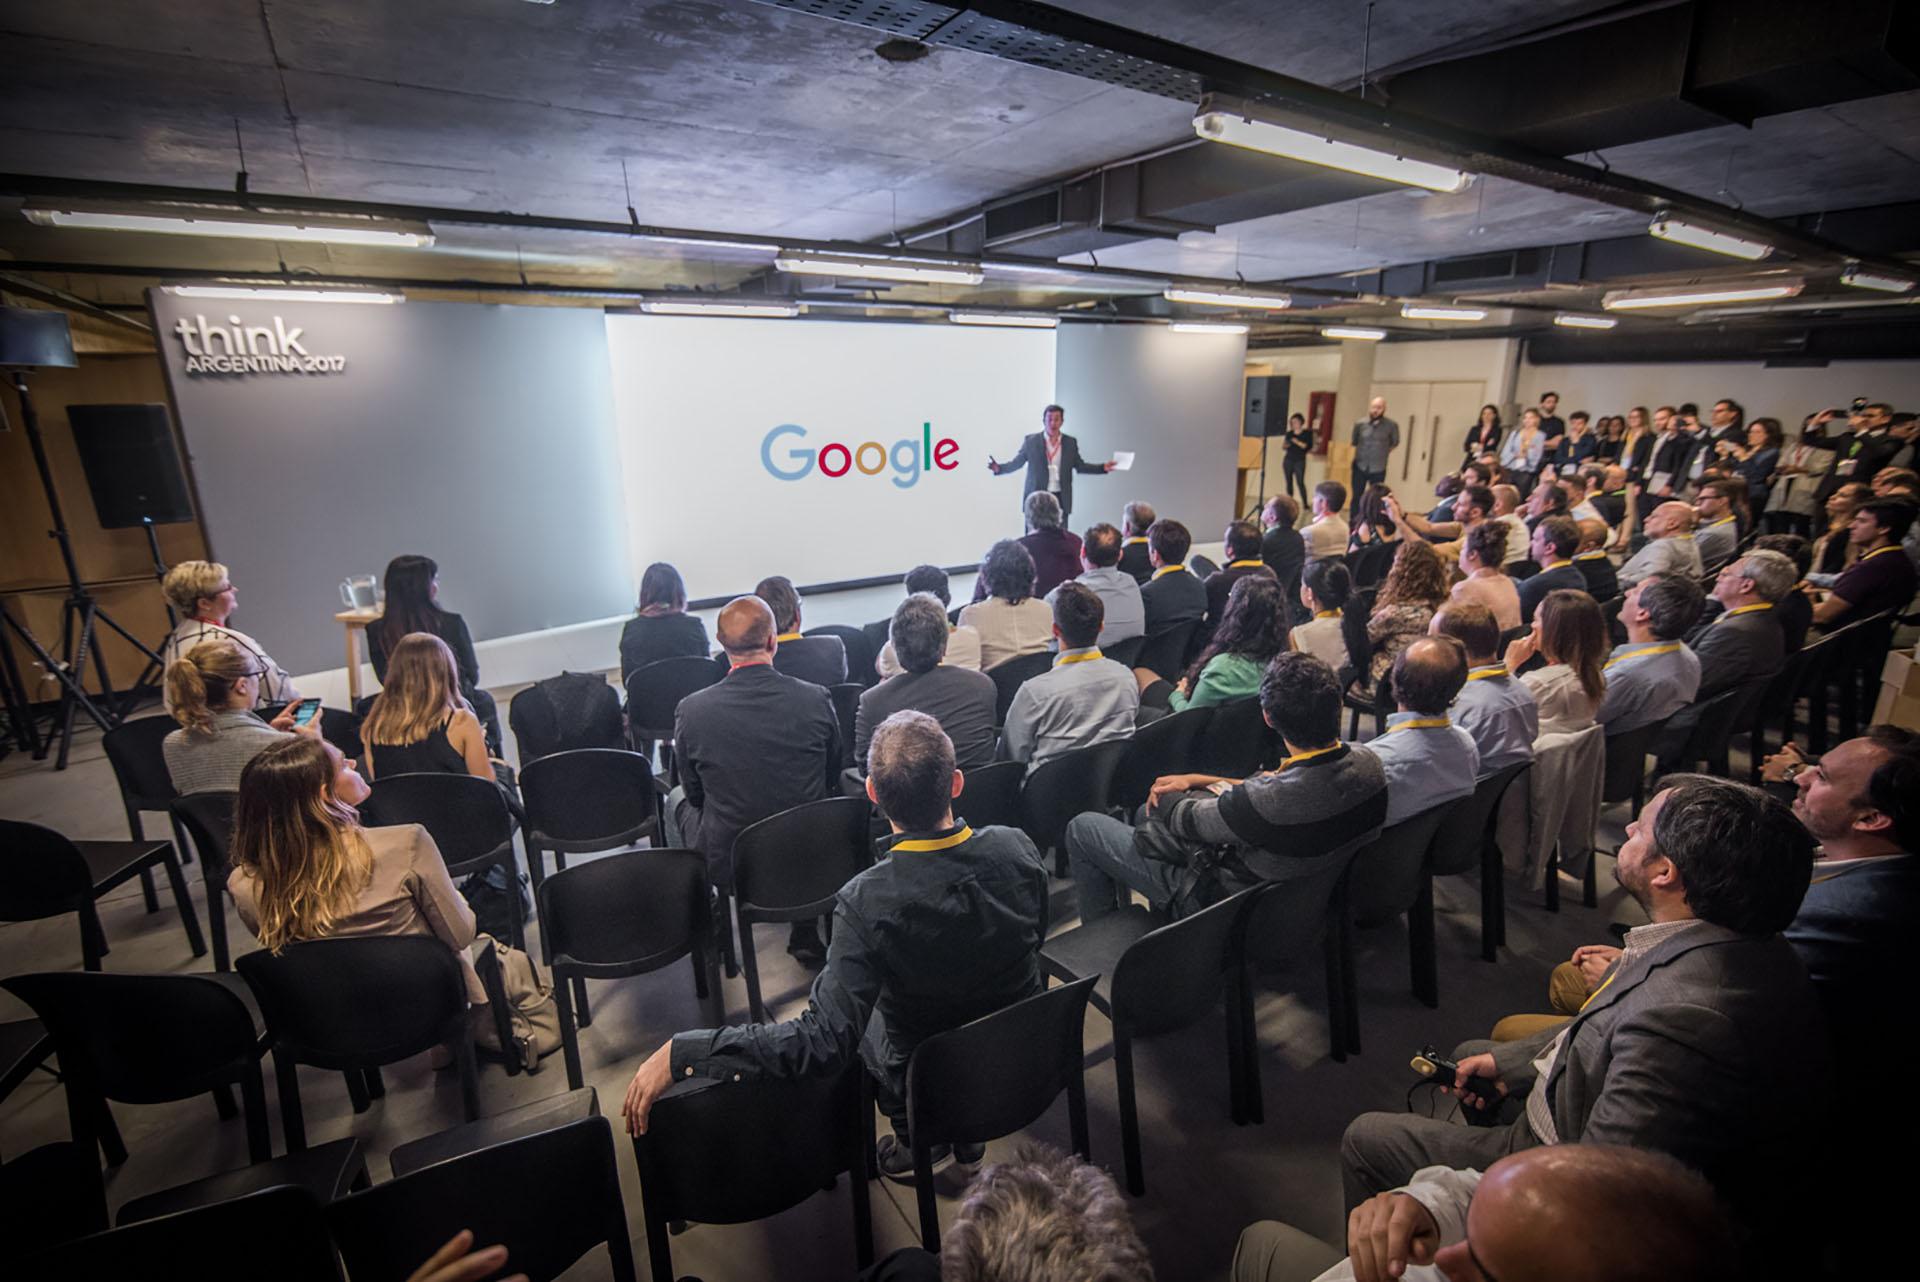 Durante el evento, del que participaron periodistas, funcionarios y miembros de la compañía, se compartieron las diferentes iniciativas que lleva adelante Google, como Garage Digital, una academia online con cursos gratuitos para aprender sobre marketing digital, redes sociales y audiencia.